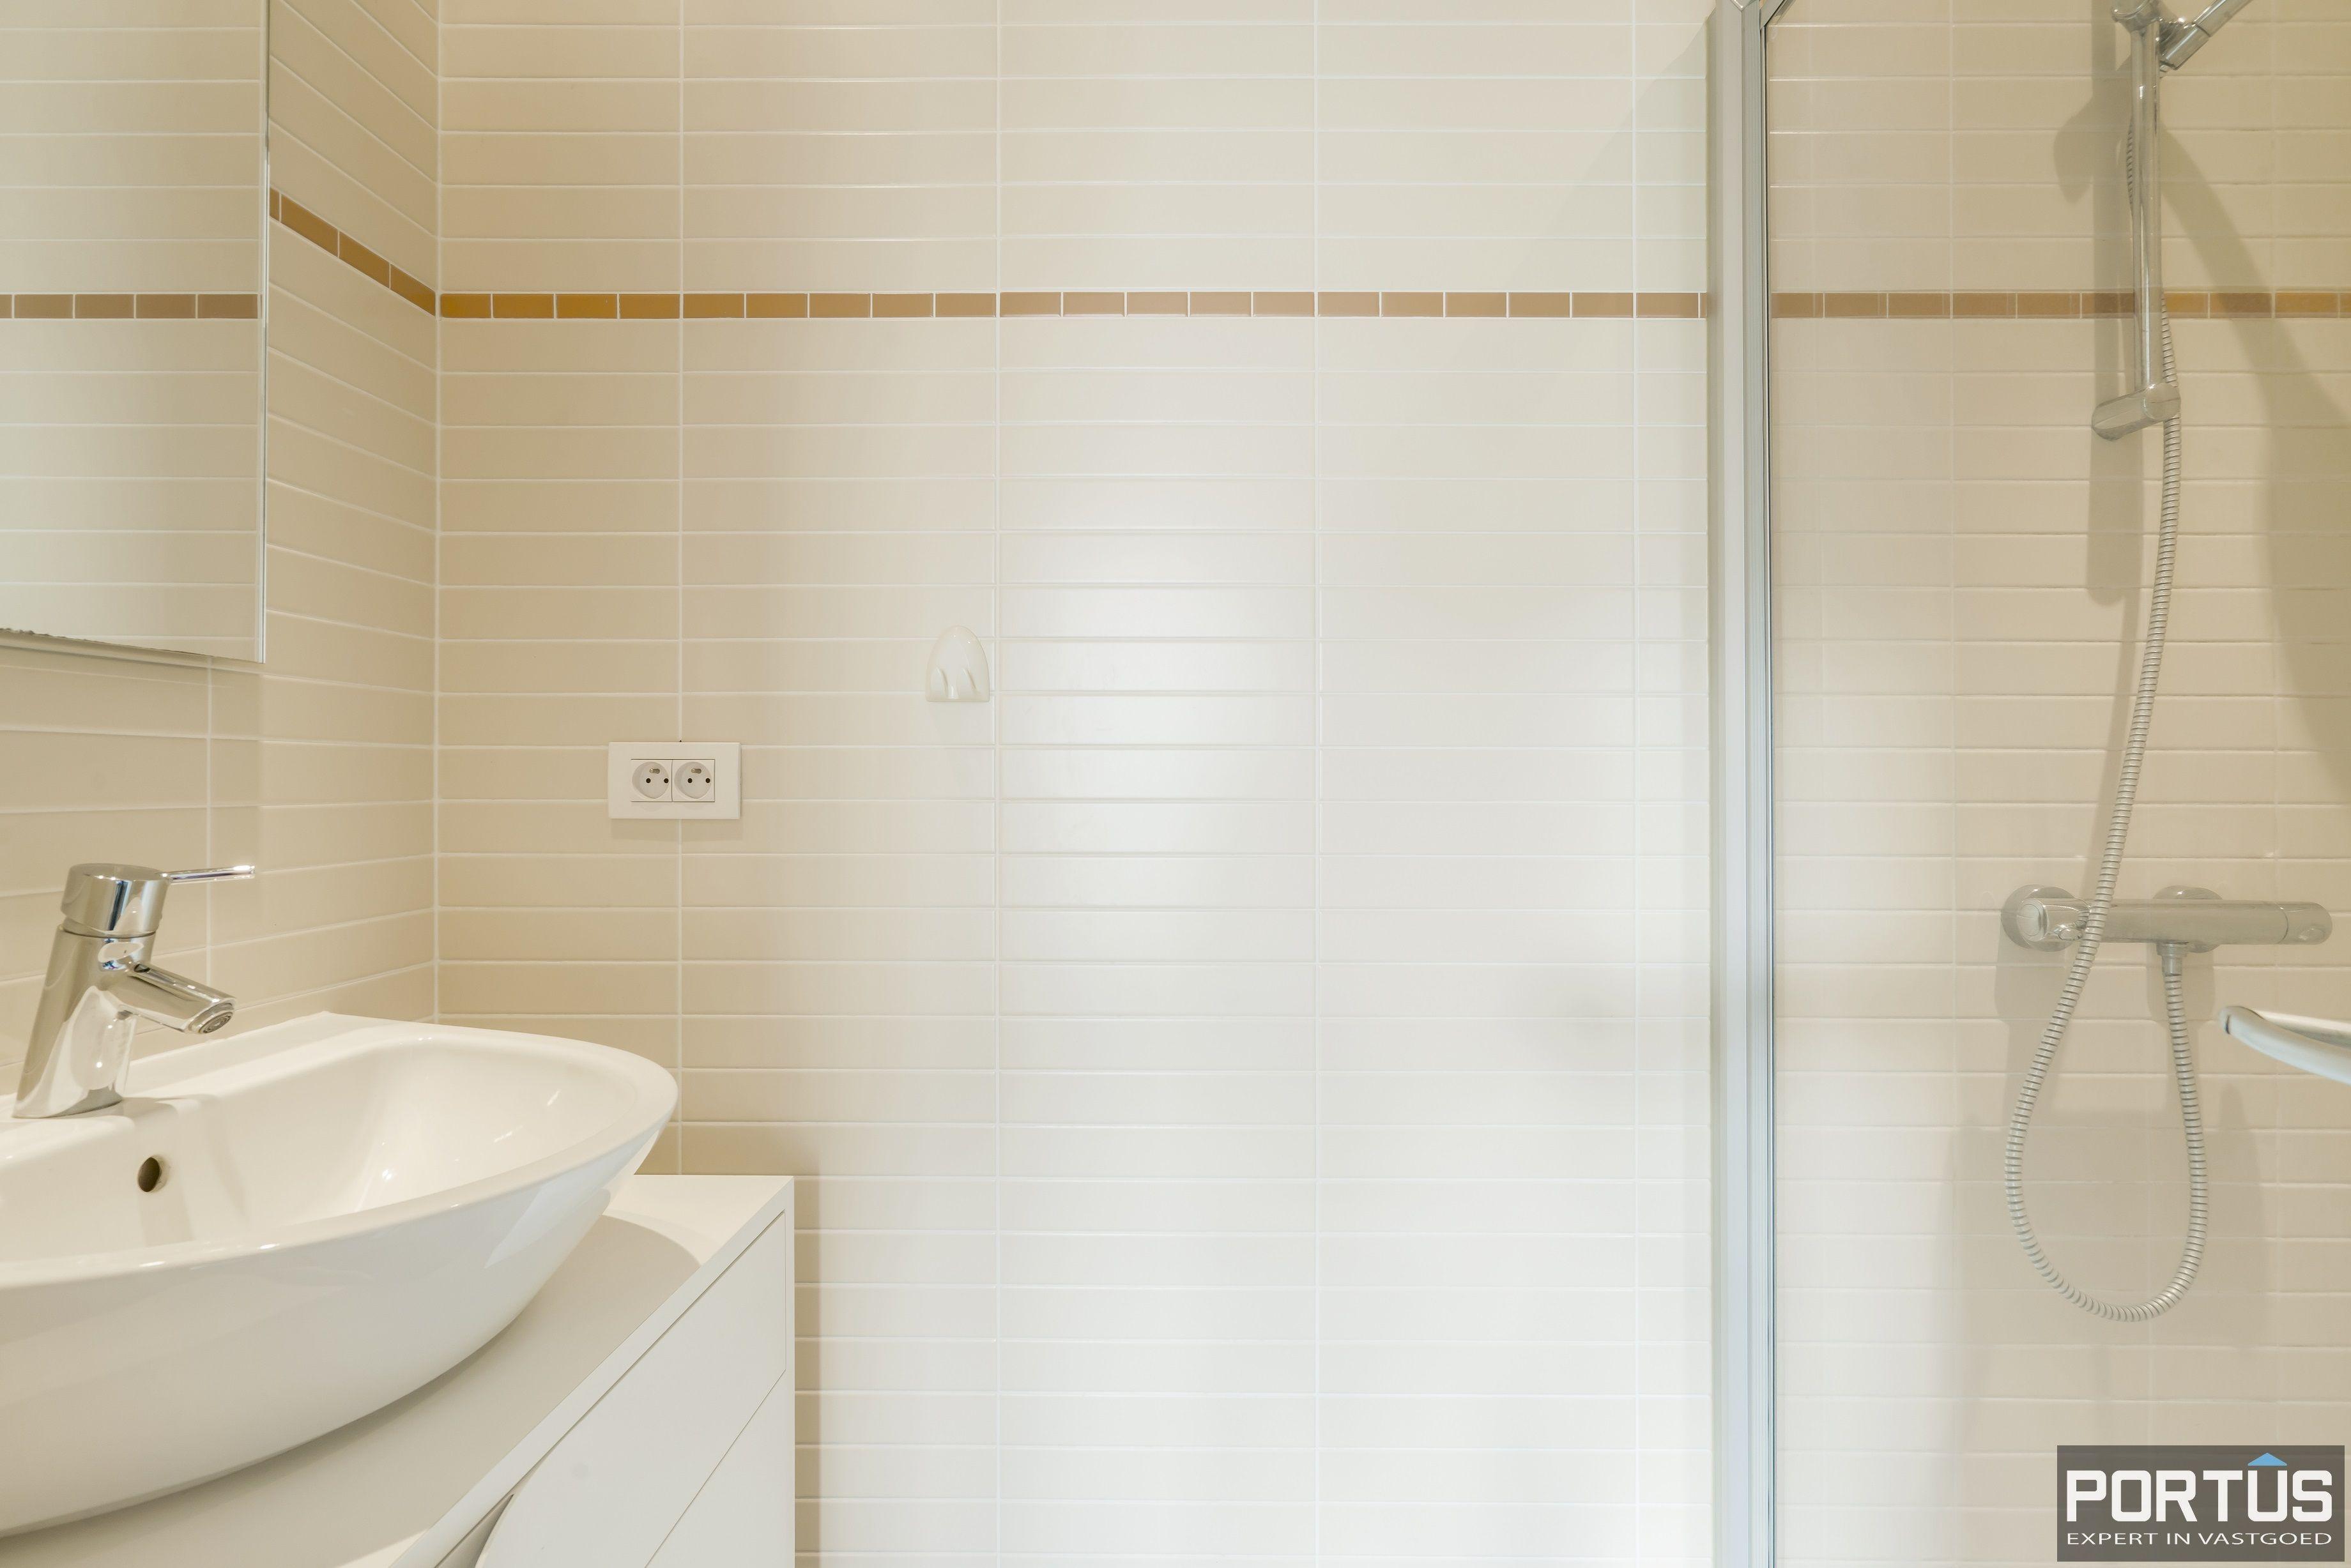 Gelijkvloers appartement met rustige ligging te koop te Oostduinkerke - 13830